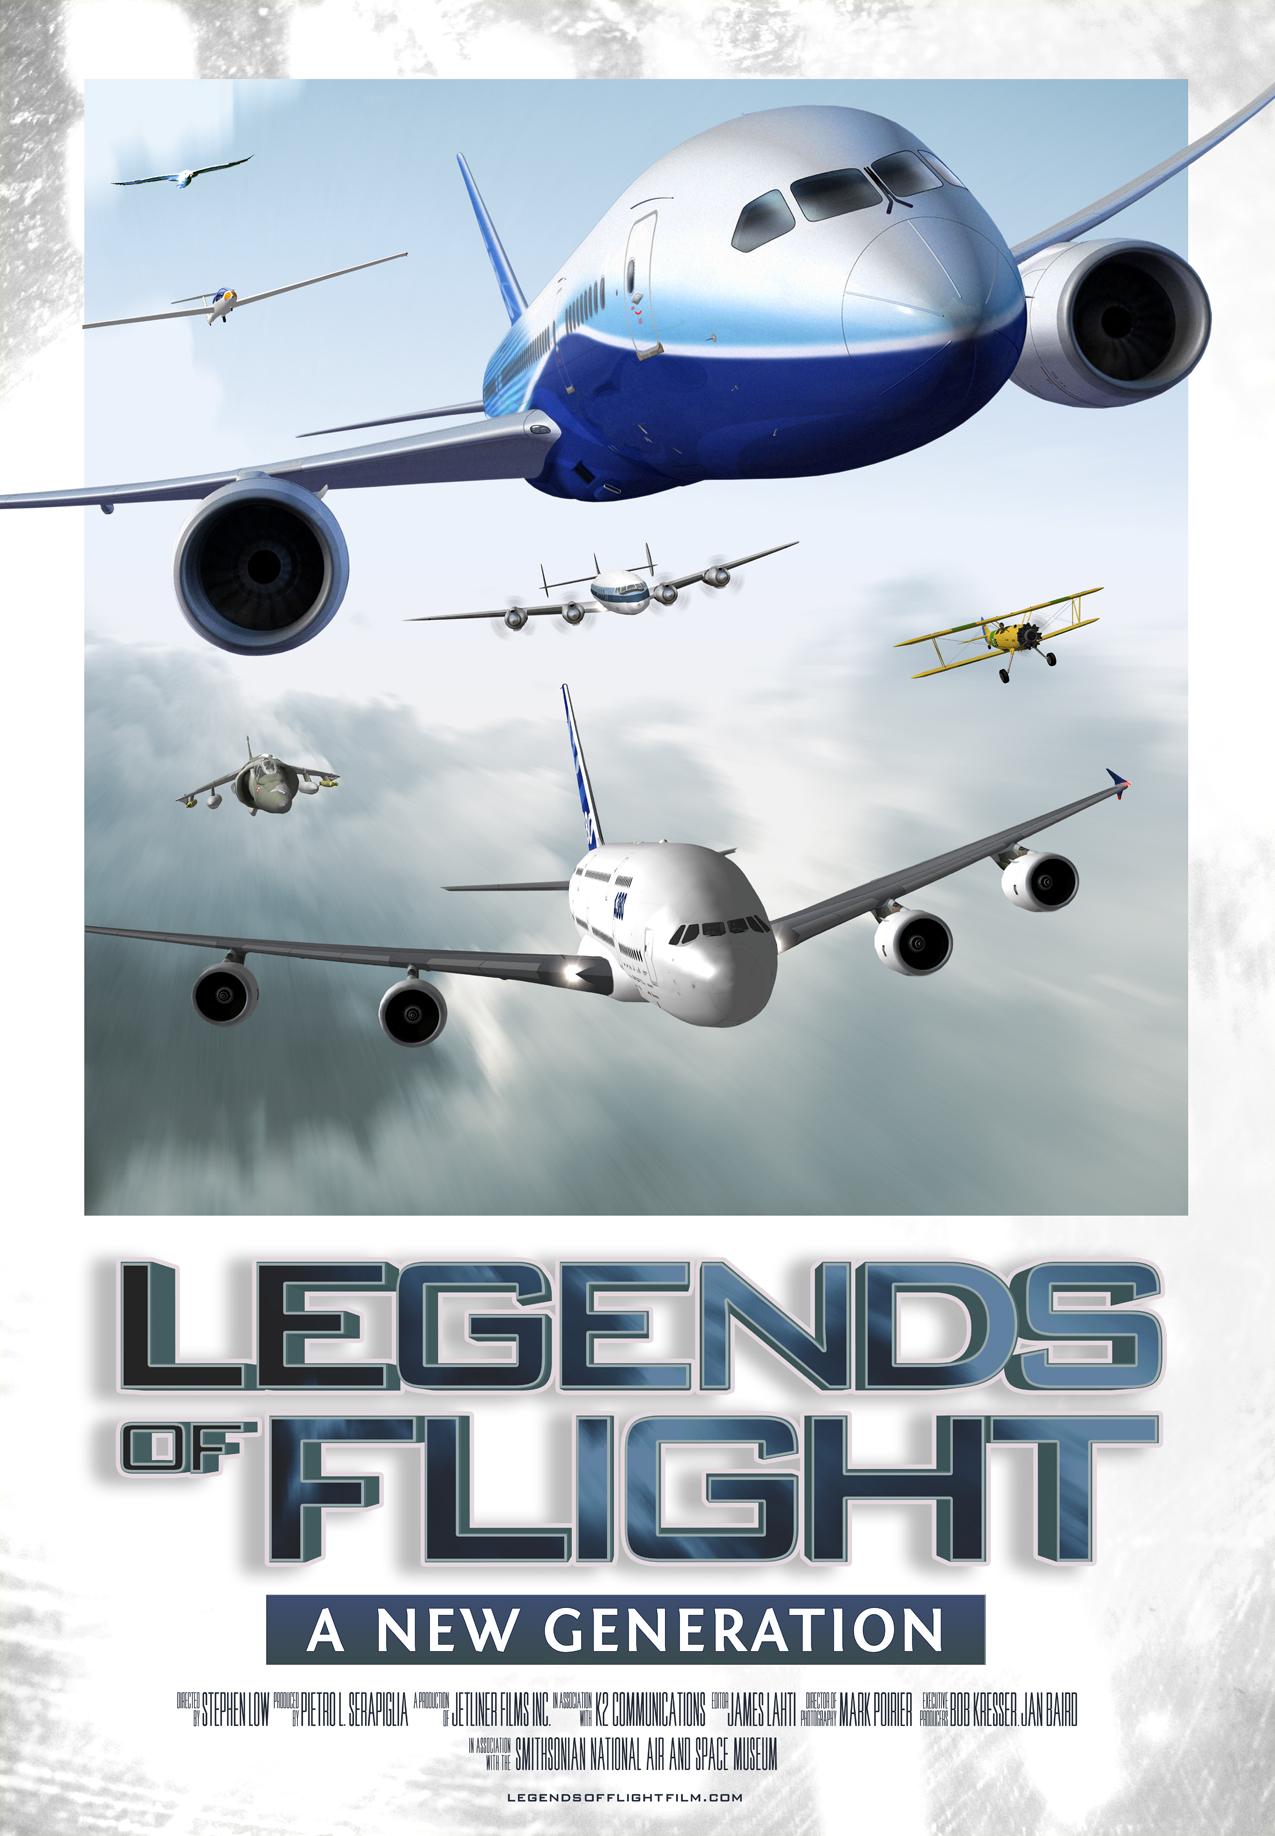 Legends of Flight Marketing Materials